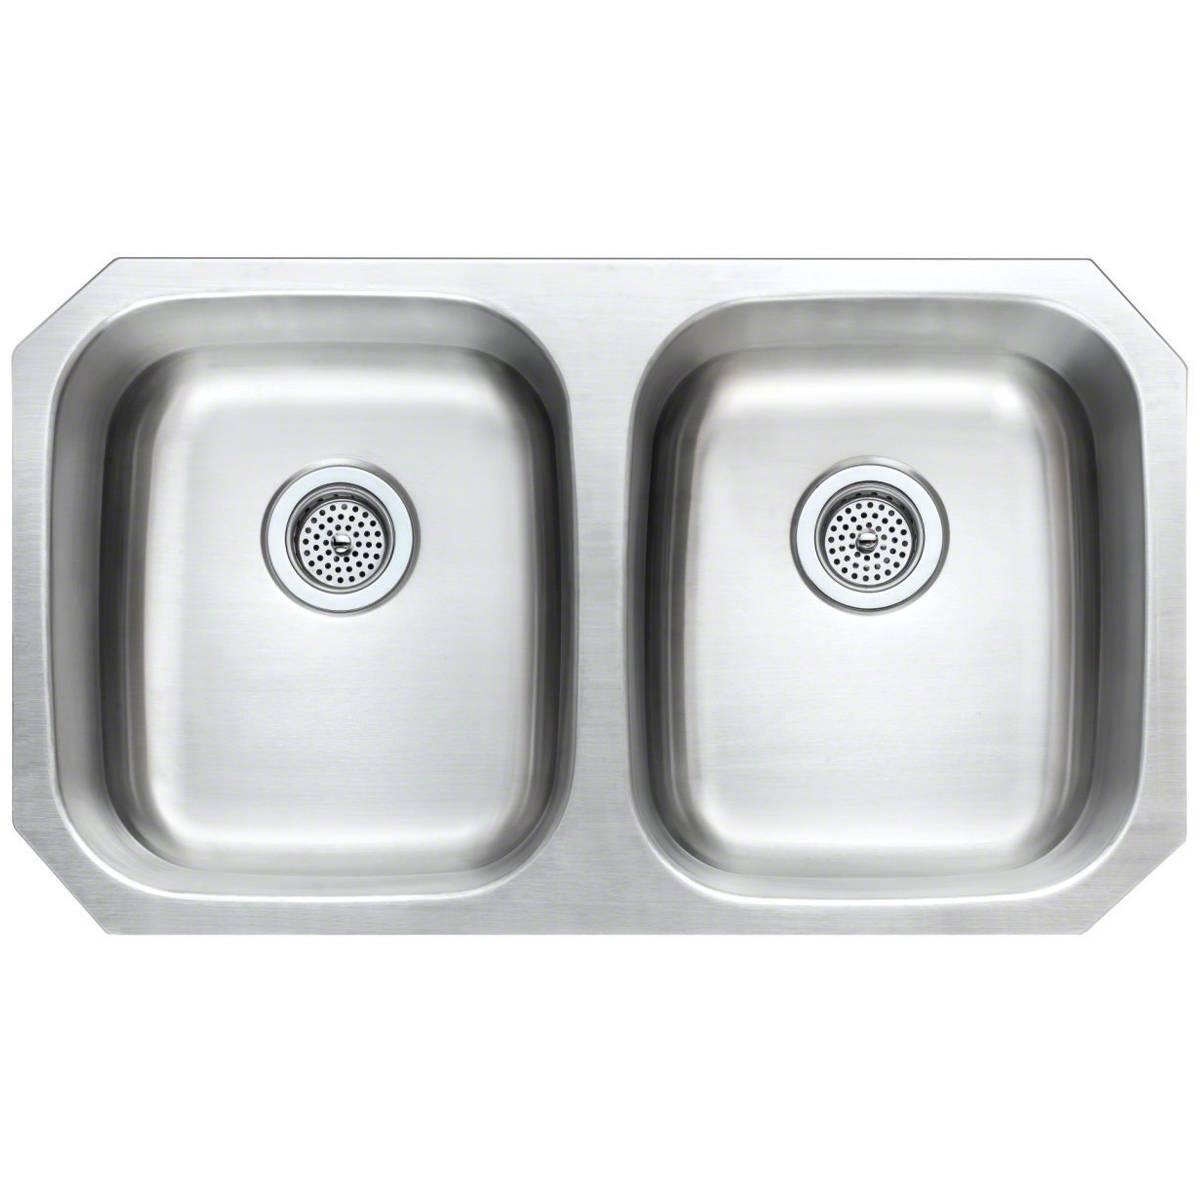 Sinks -ss-18-gau-double-bowl-50-50-3118-SIN-18-DBLBWL-5050-3118